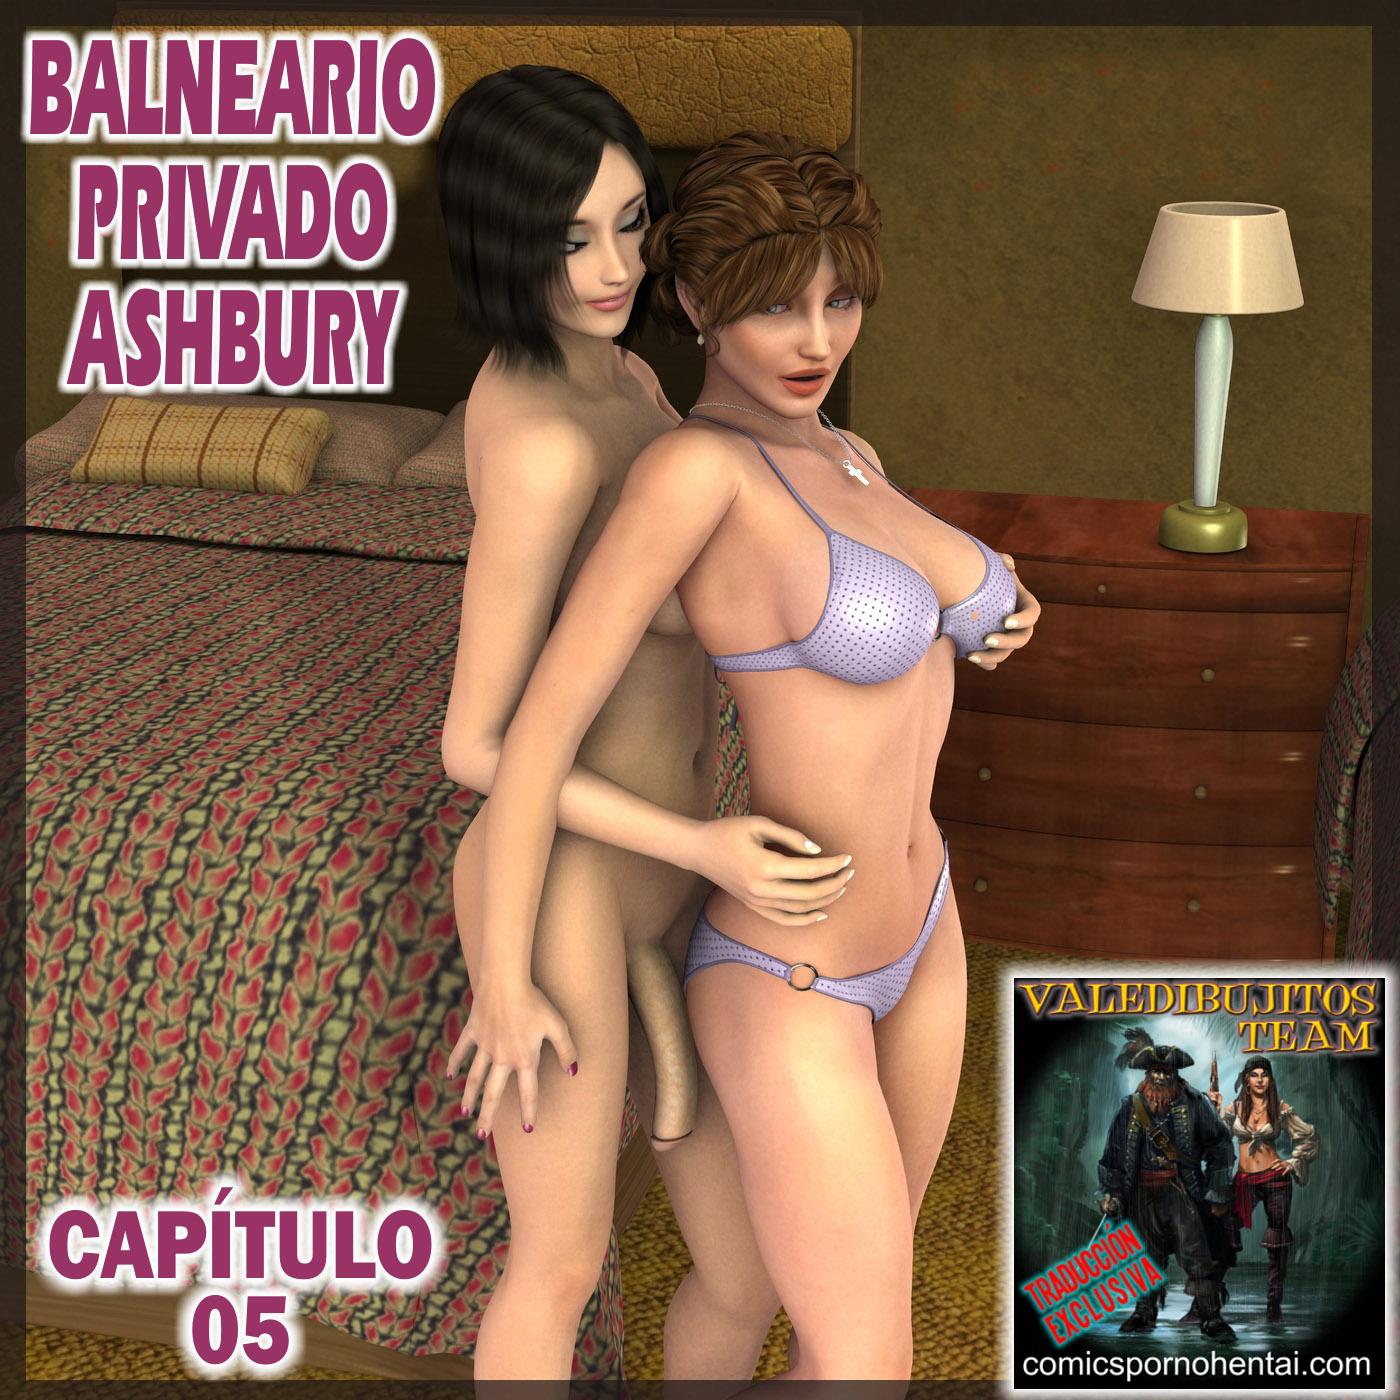 Balneario privado Ashbury cap5